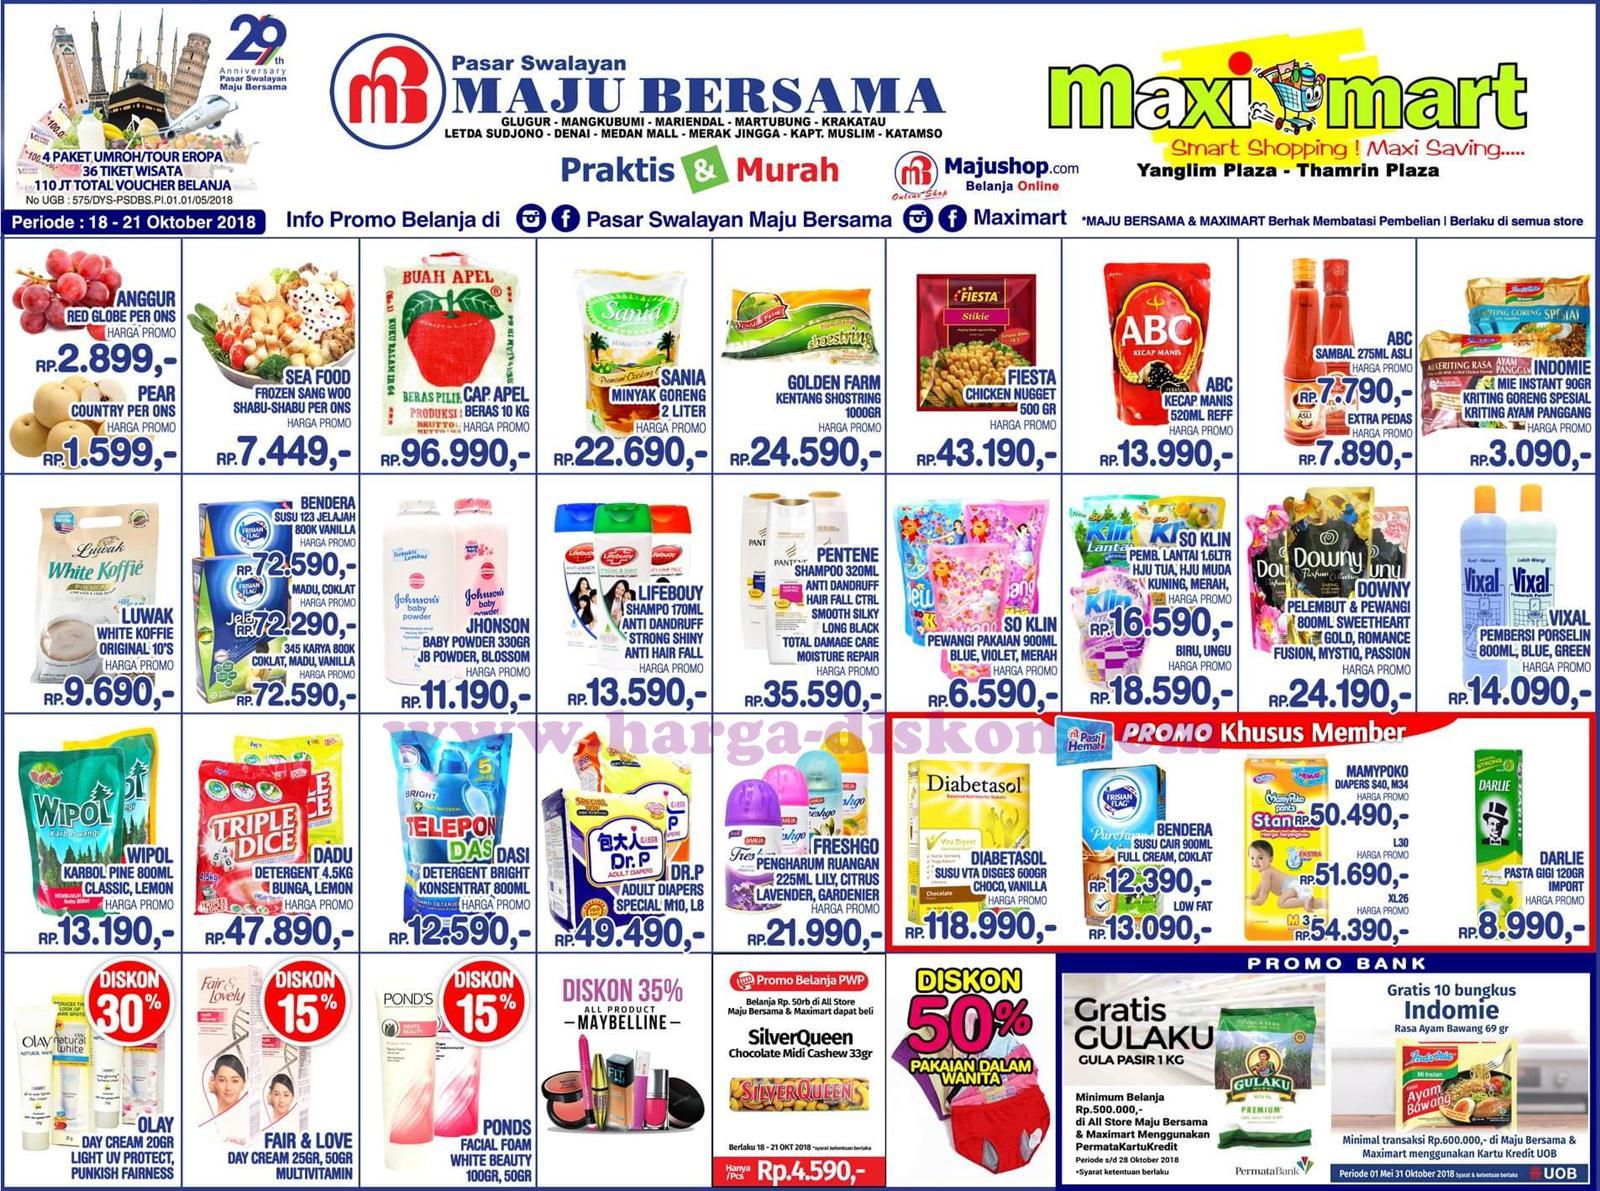 Katalog Promo KJSM Maximart Terbaru Akhir Pekan Periode 18 – 21 Oktober 2018